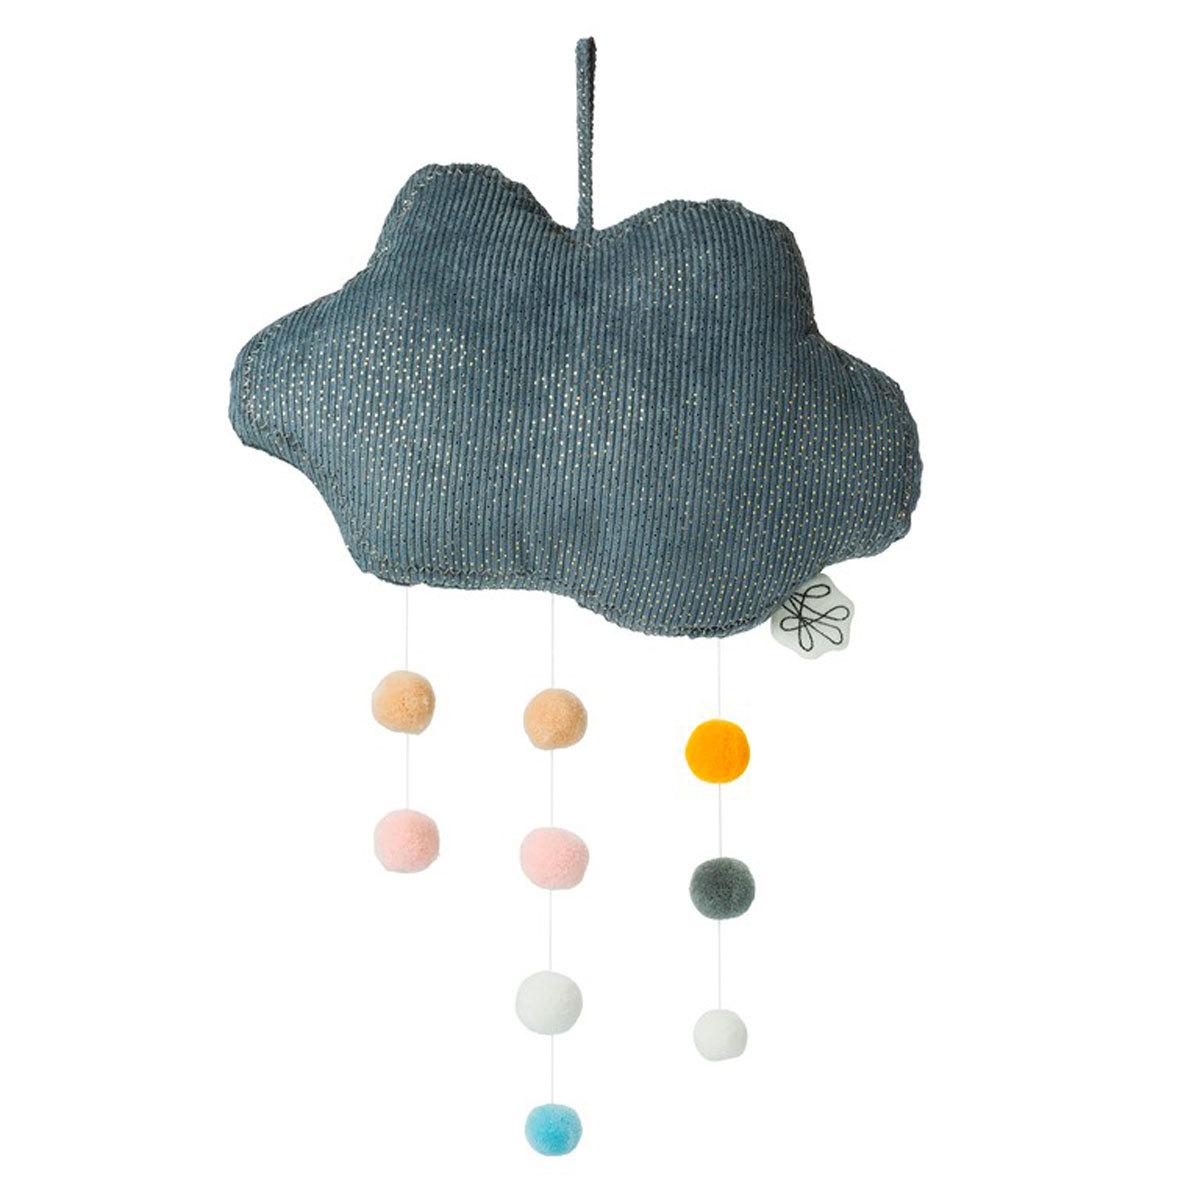 Mobile Nuage en Velours Côtelé avec Pompons - Bleu Nuage en Velours Côtelé avec Pompons - Bleu